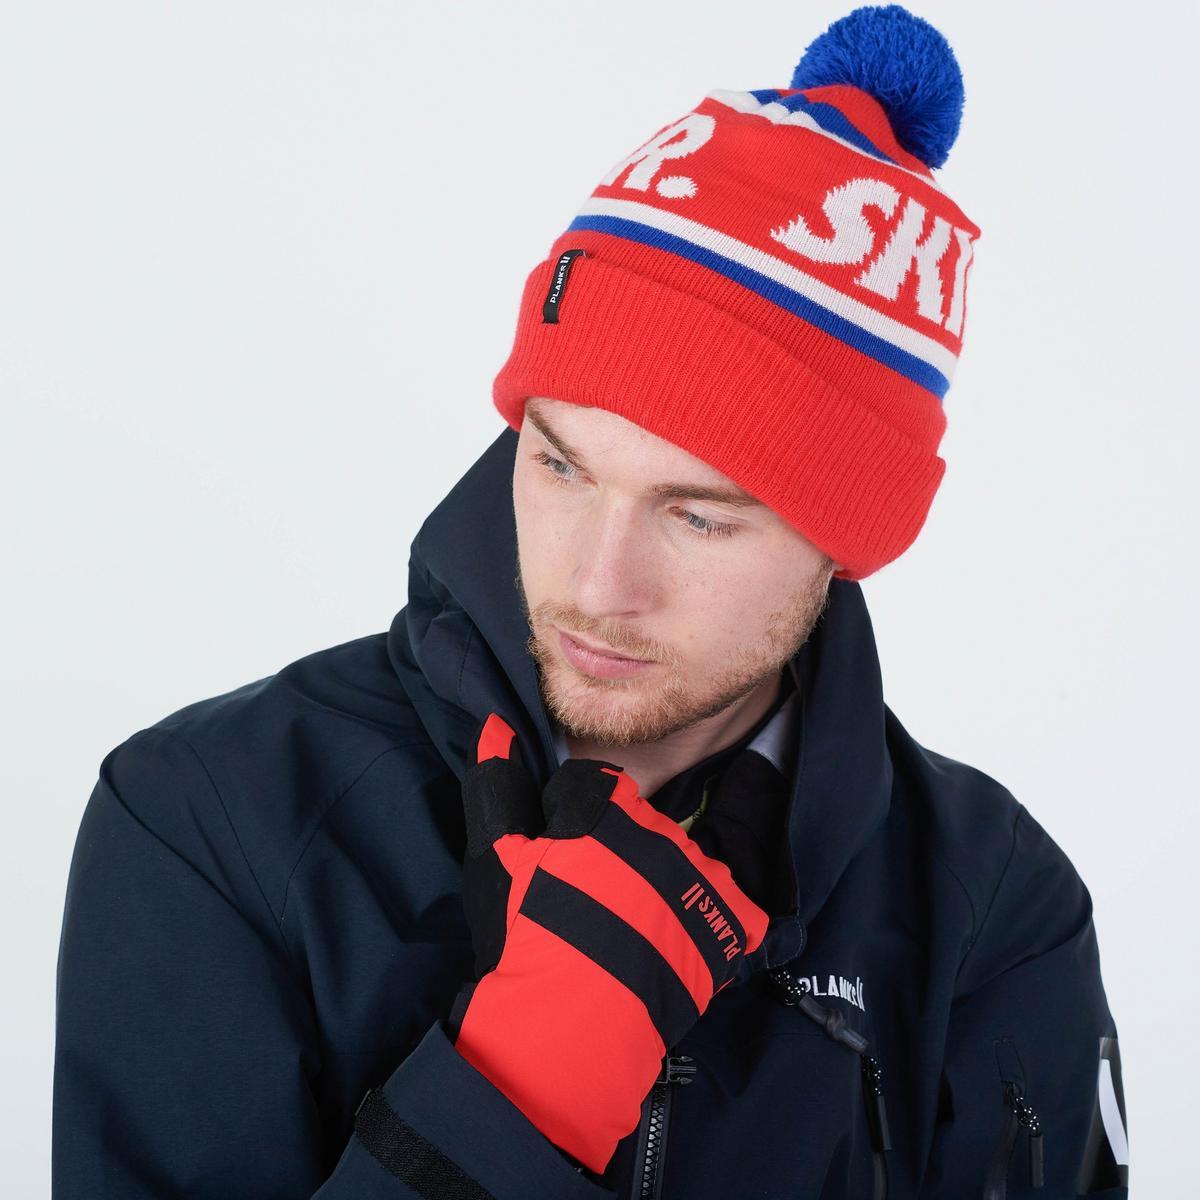 Planks Skier Bobble Hat - Hot Red